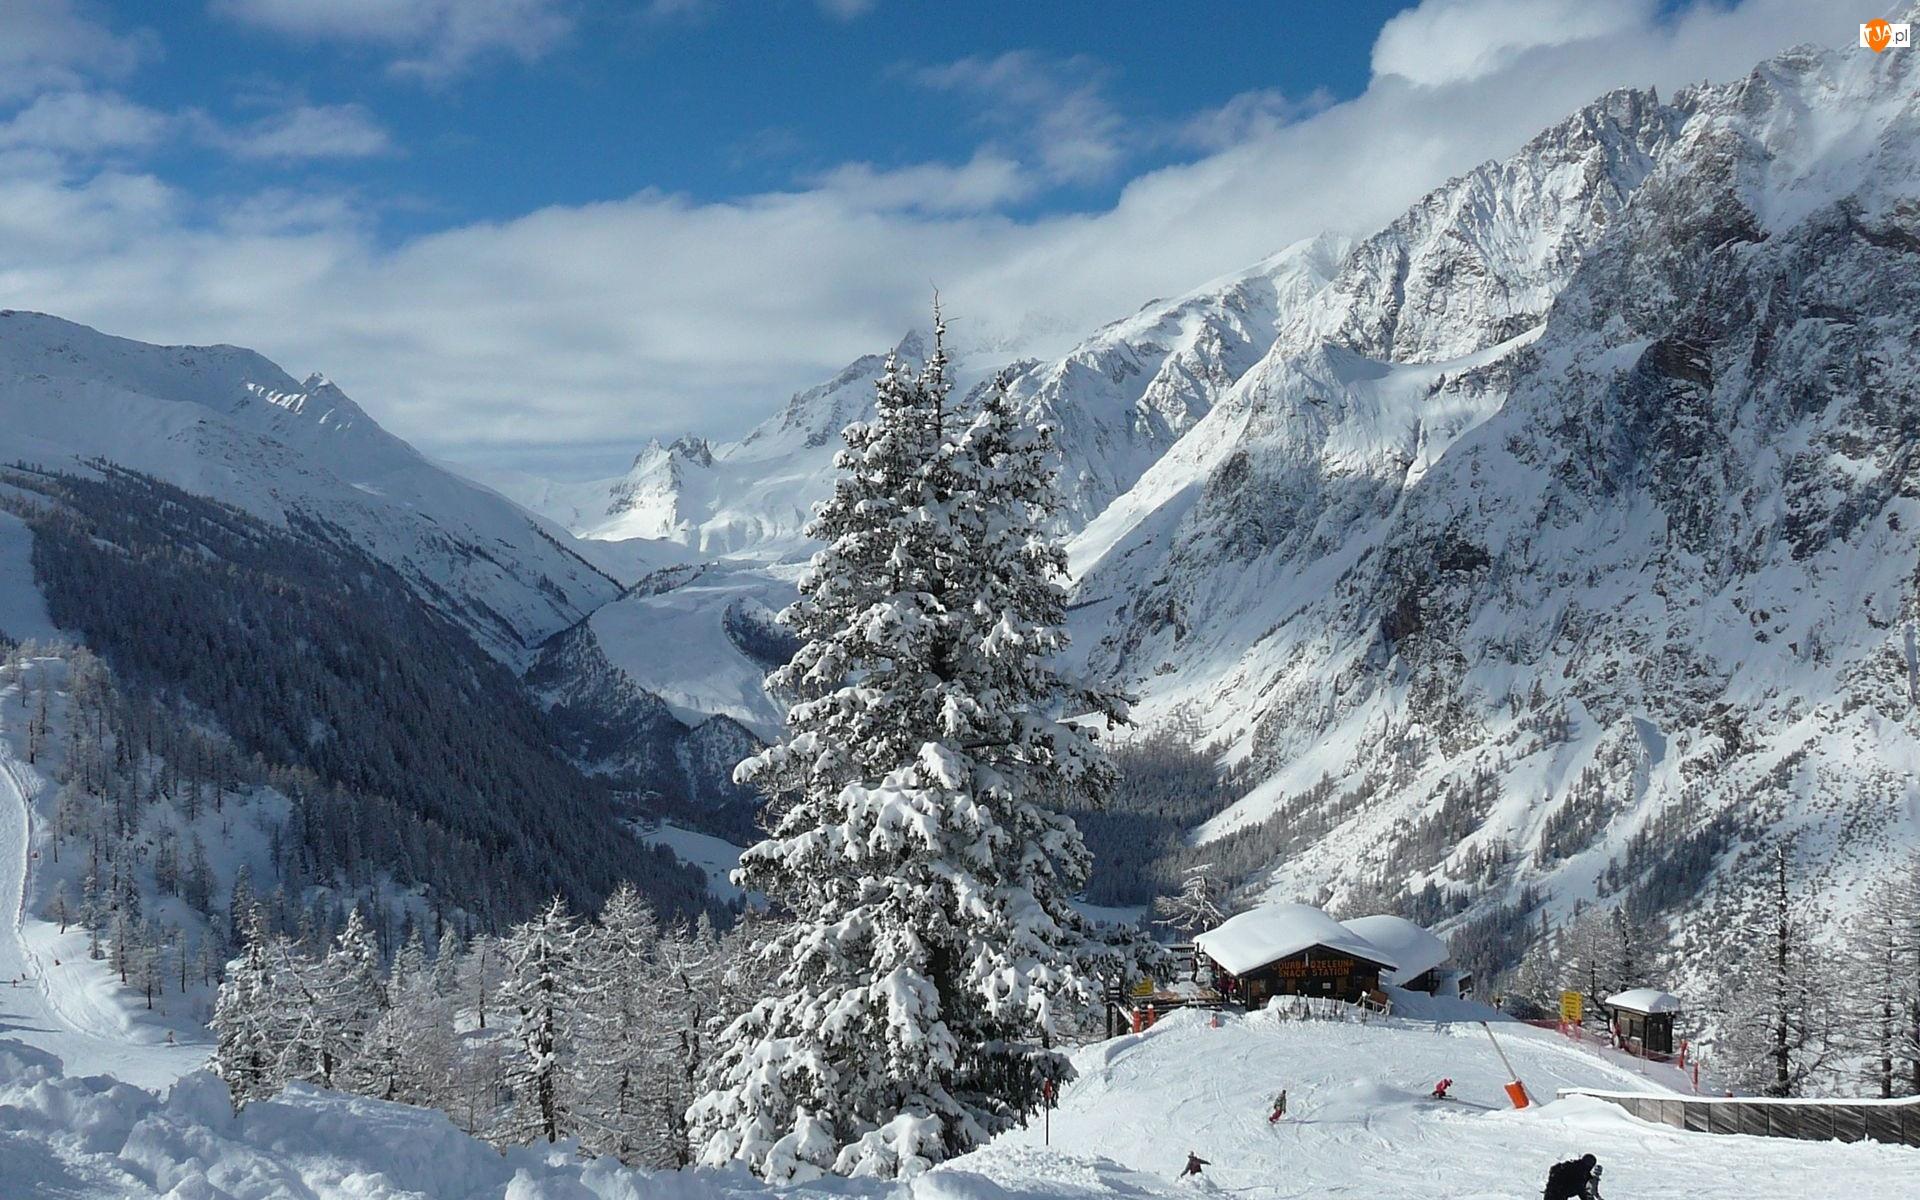 Zima, Góry, Budynki, Lasy, Narciarze